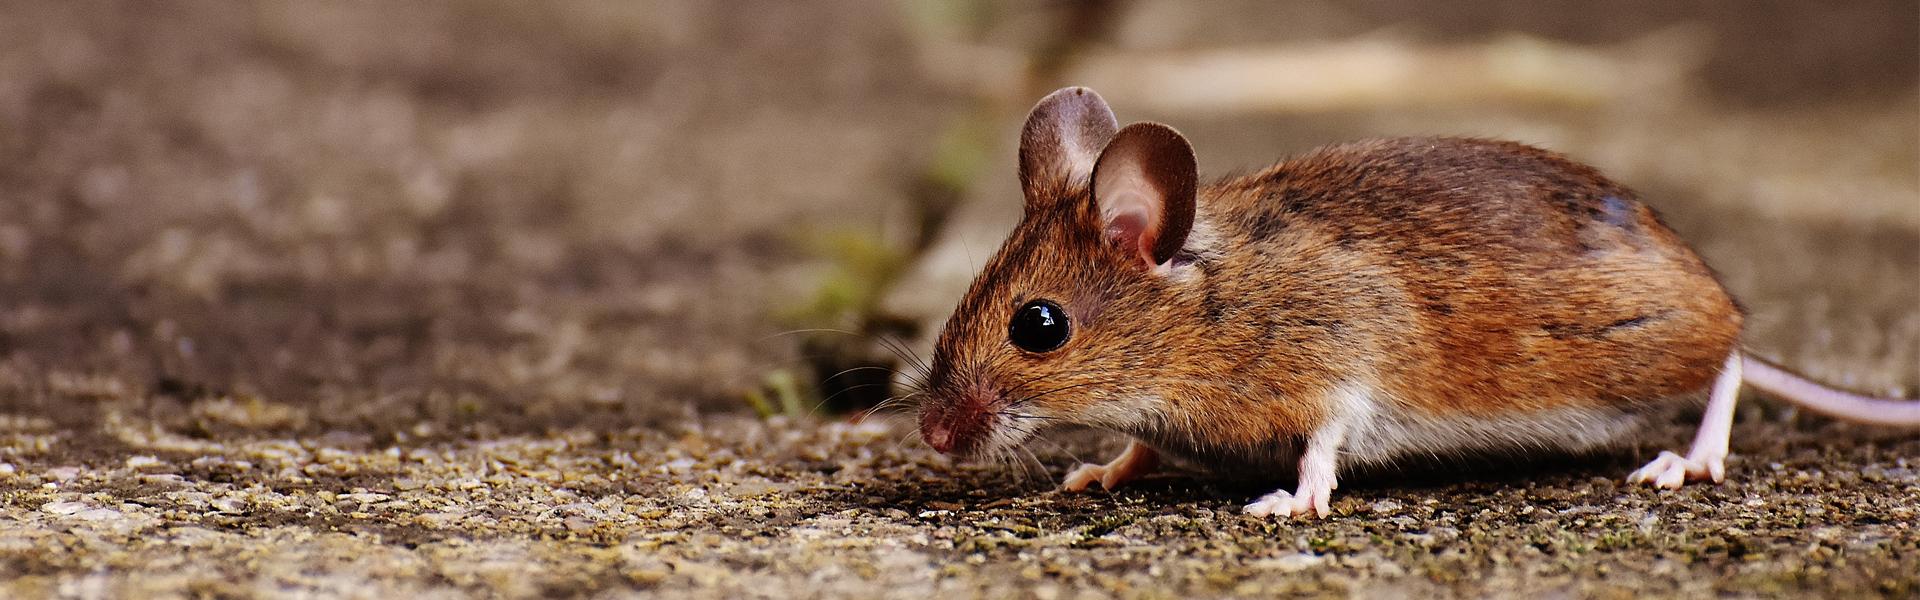 Slider-House-Mouse